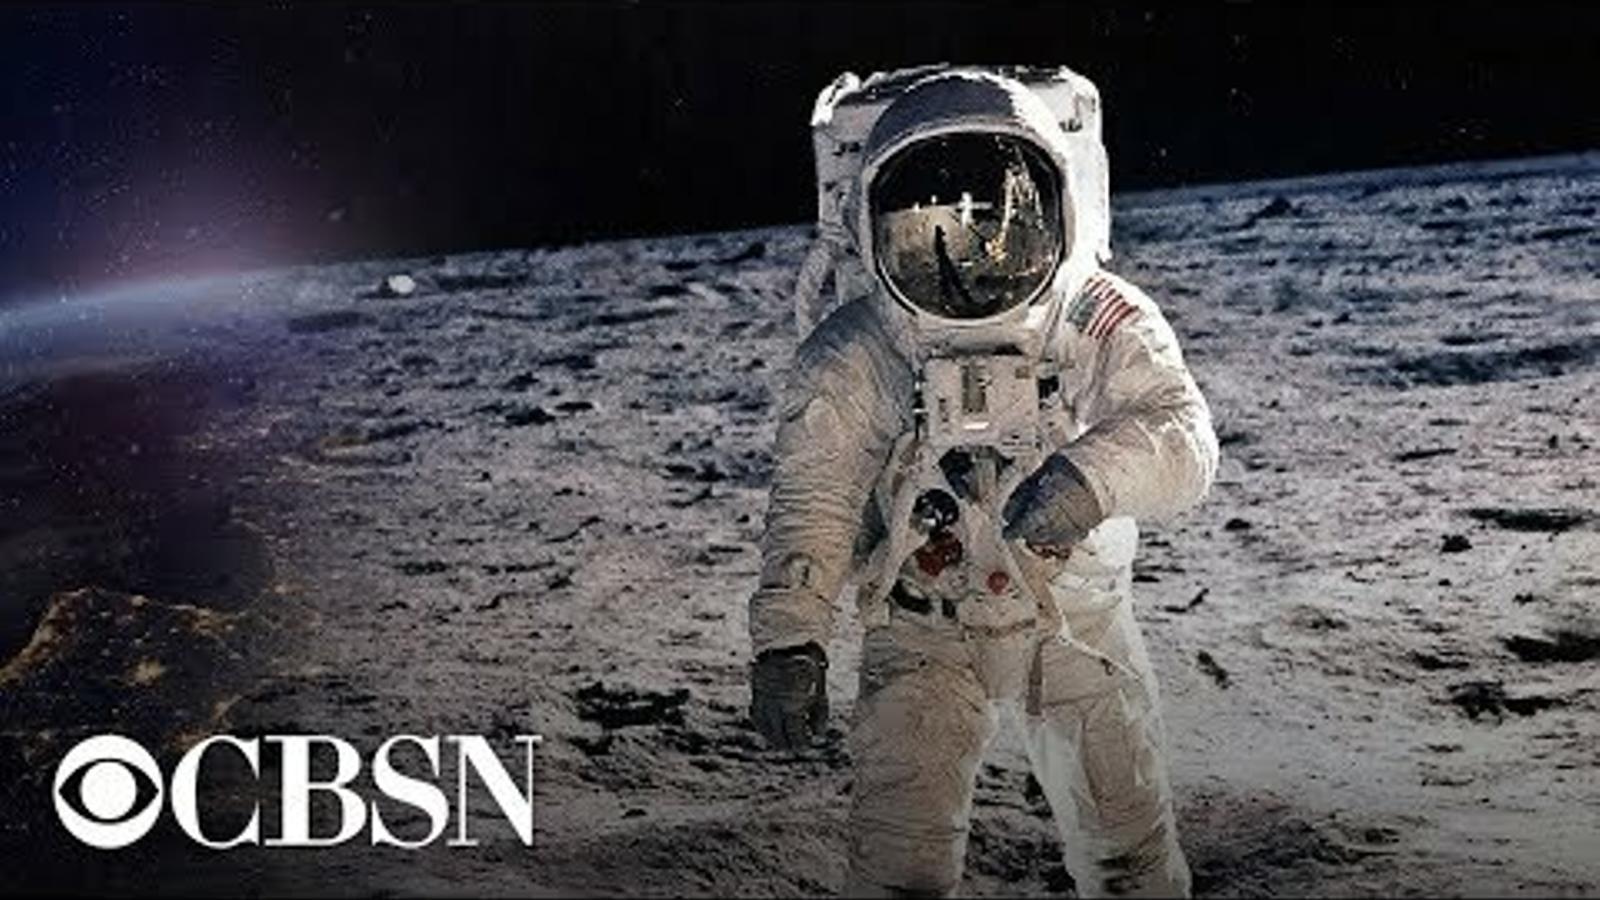 Retransmissió de la CBS de la missió Apol·lo 11 a la Lluna el 1969.